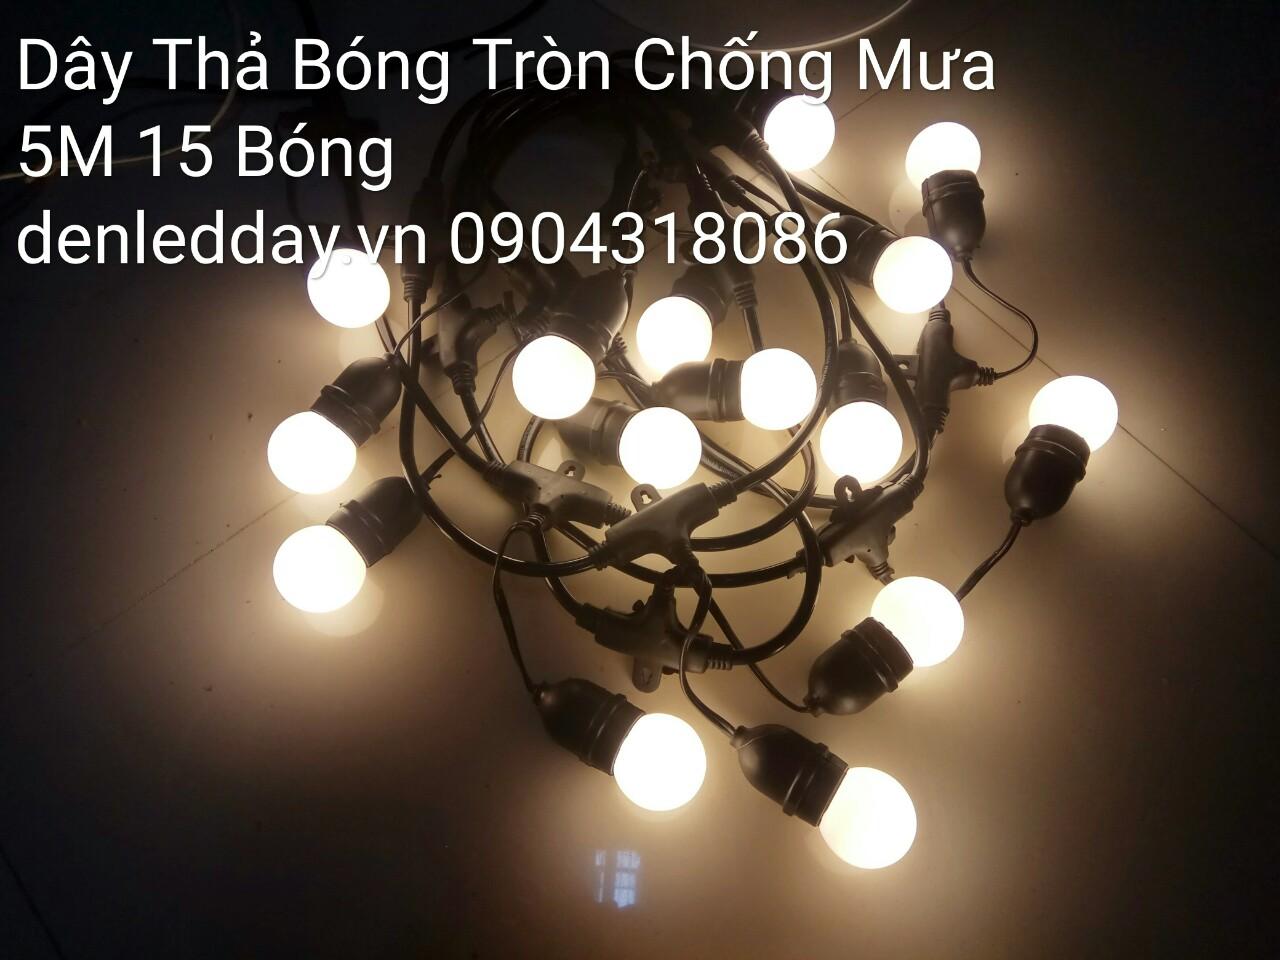 Đây đẻn thả bóng tròn chống mưa tại Hà Đông, Hà Nội